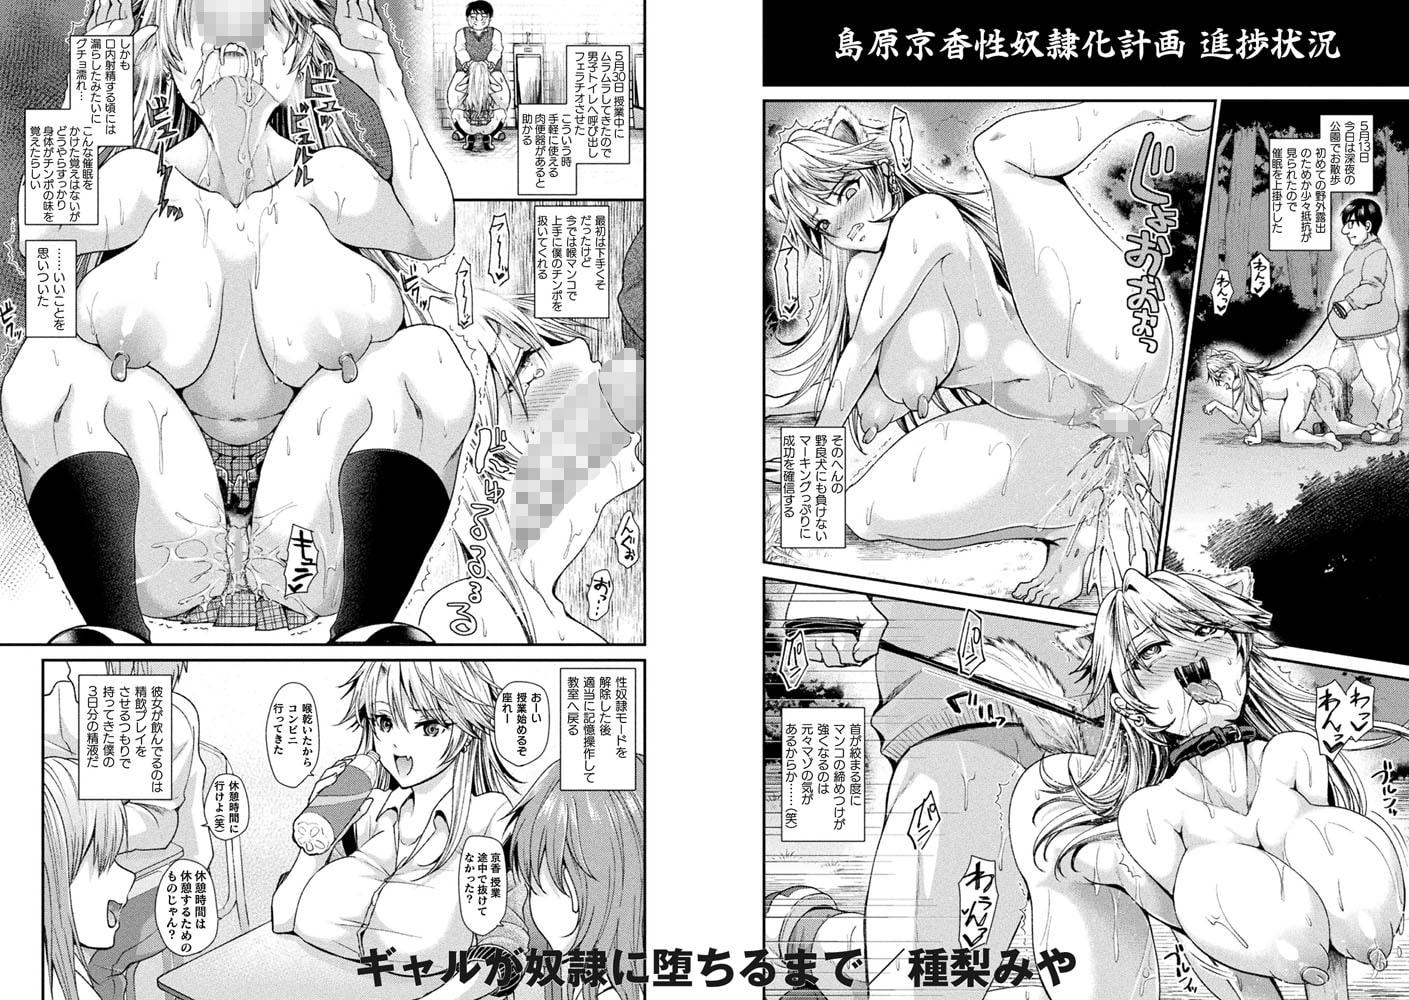 別冊コミックアンリアル 変態催眠~肉便器堕ちした美少女たち~デジタル版Vol.2